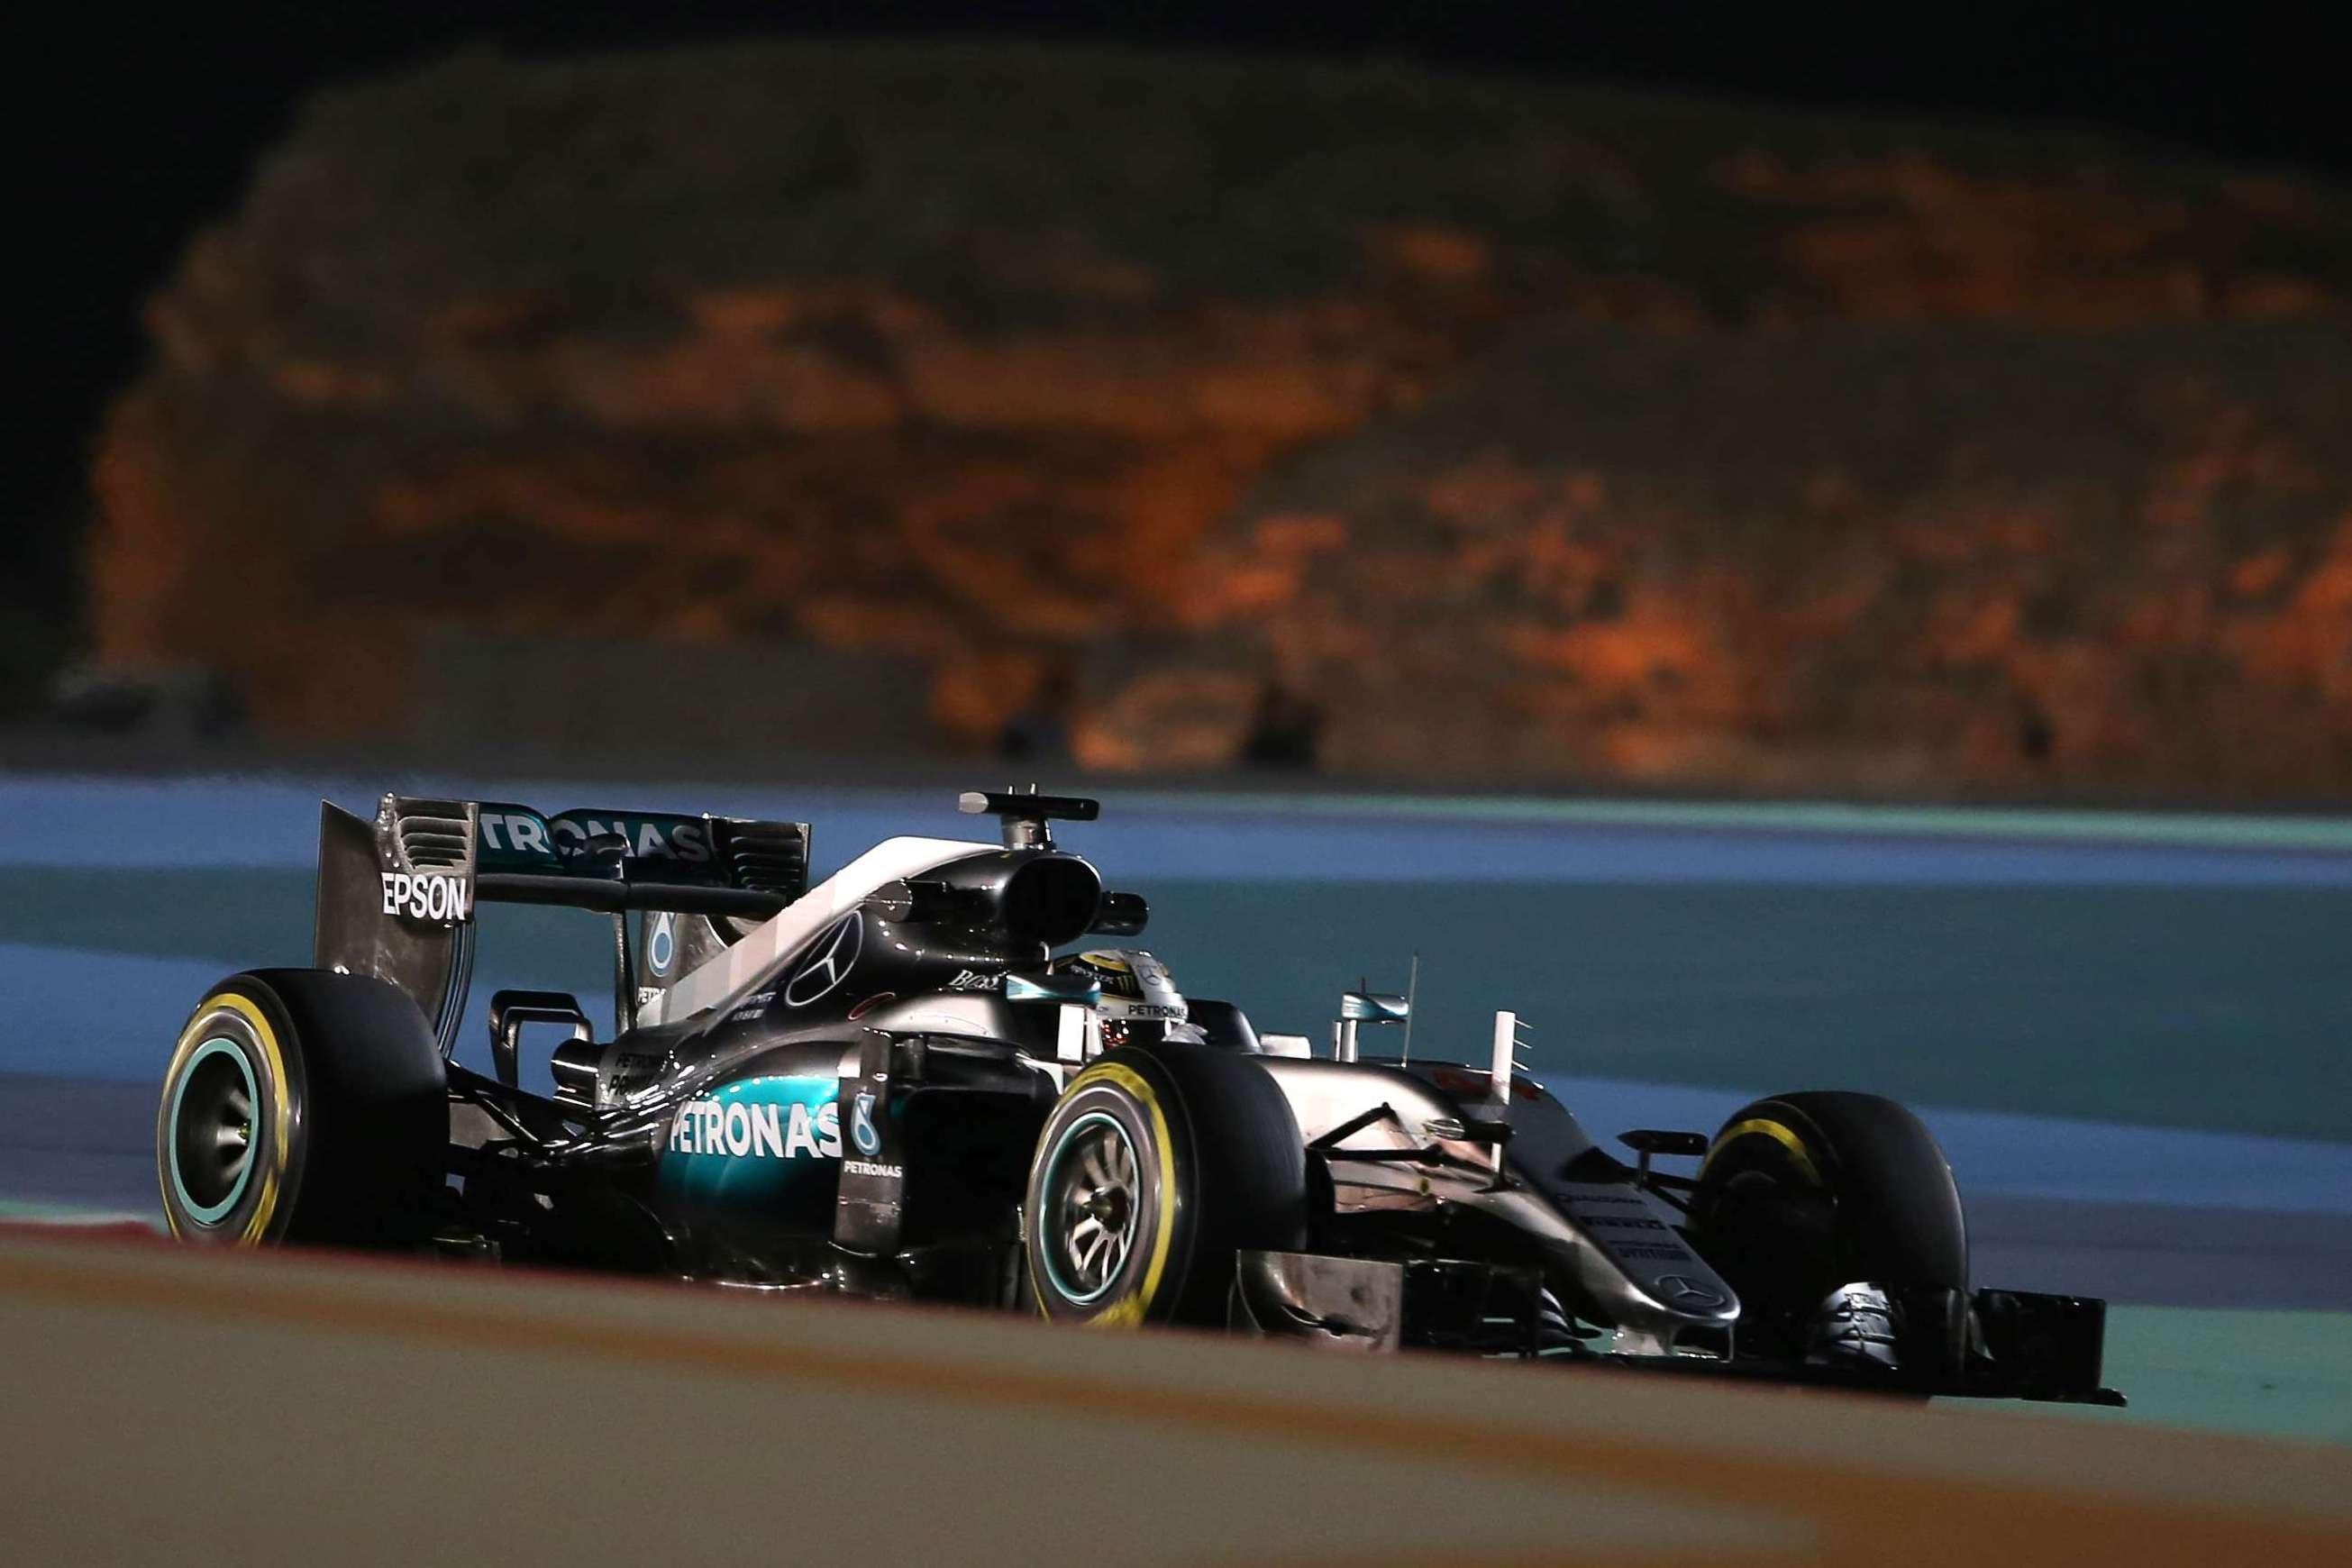 Grand Prix F1 de Bahreïn en direct sur Canal+Sport dès 17h